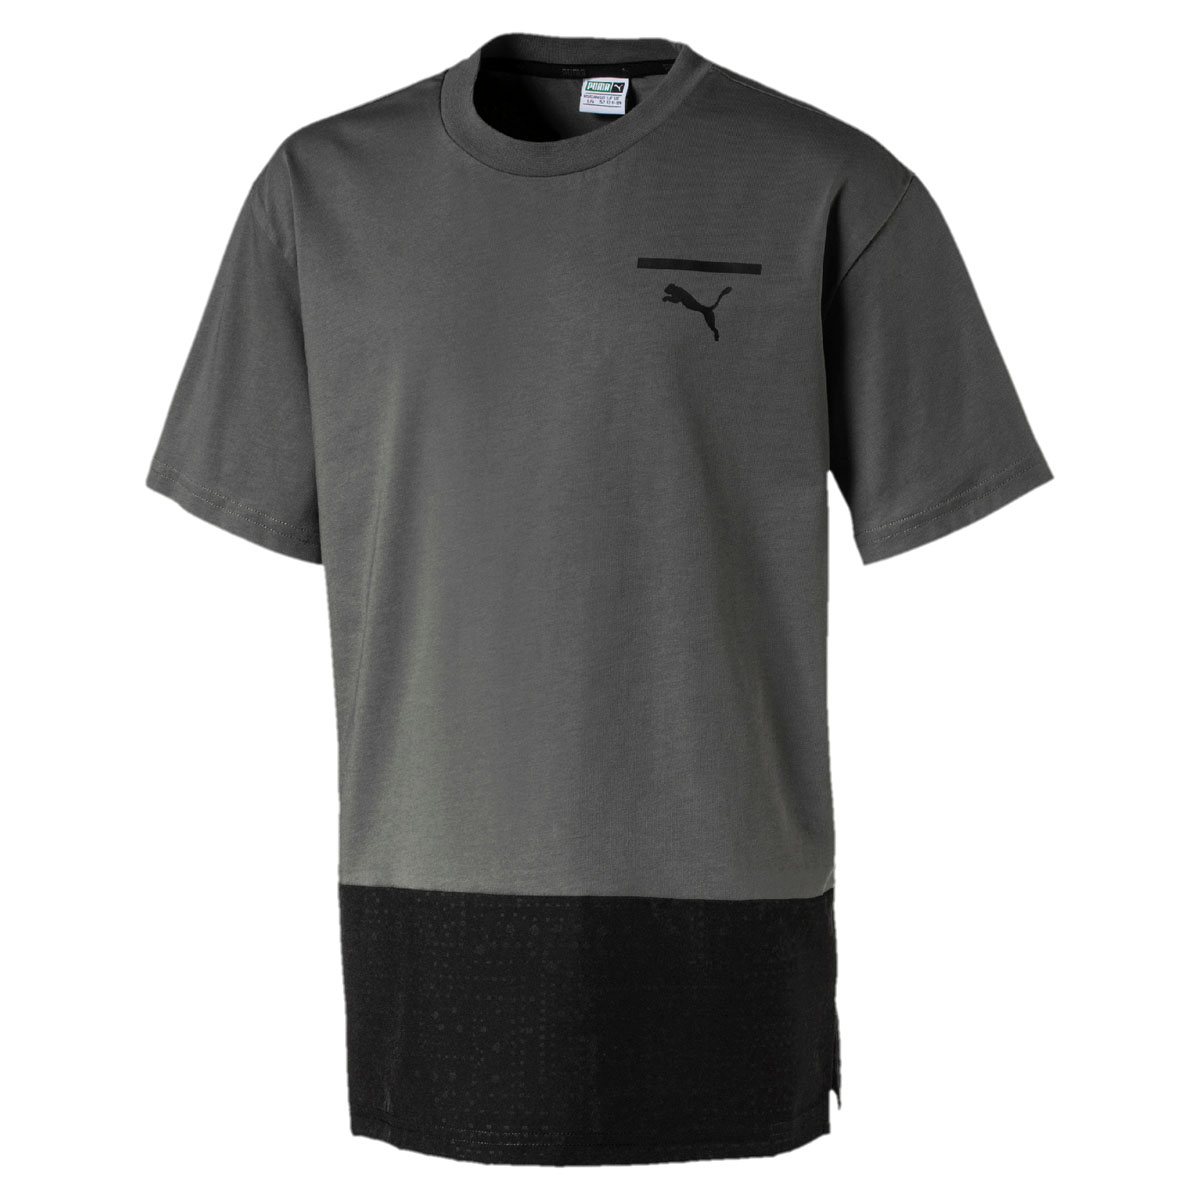 Футболка для мальчика Puma Pace Tee, цвет: серый, черный. 850245397. Размер 152